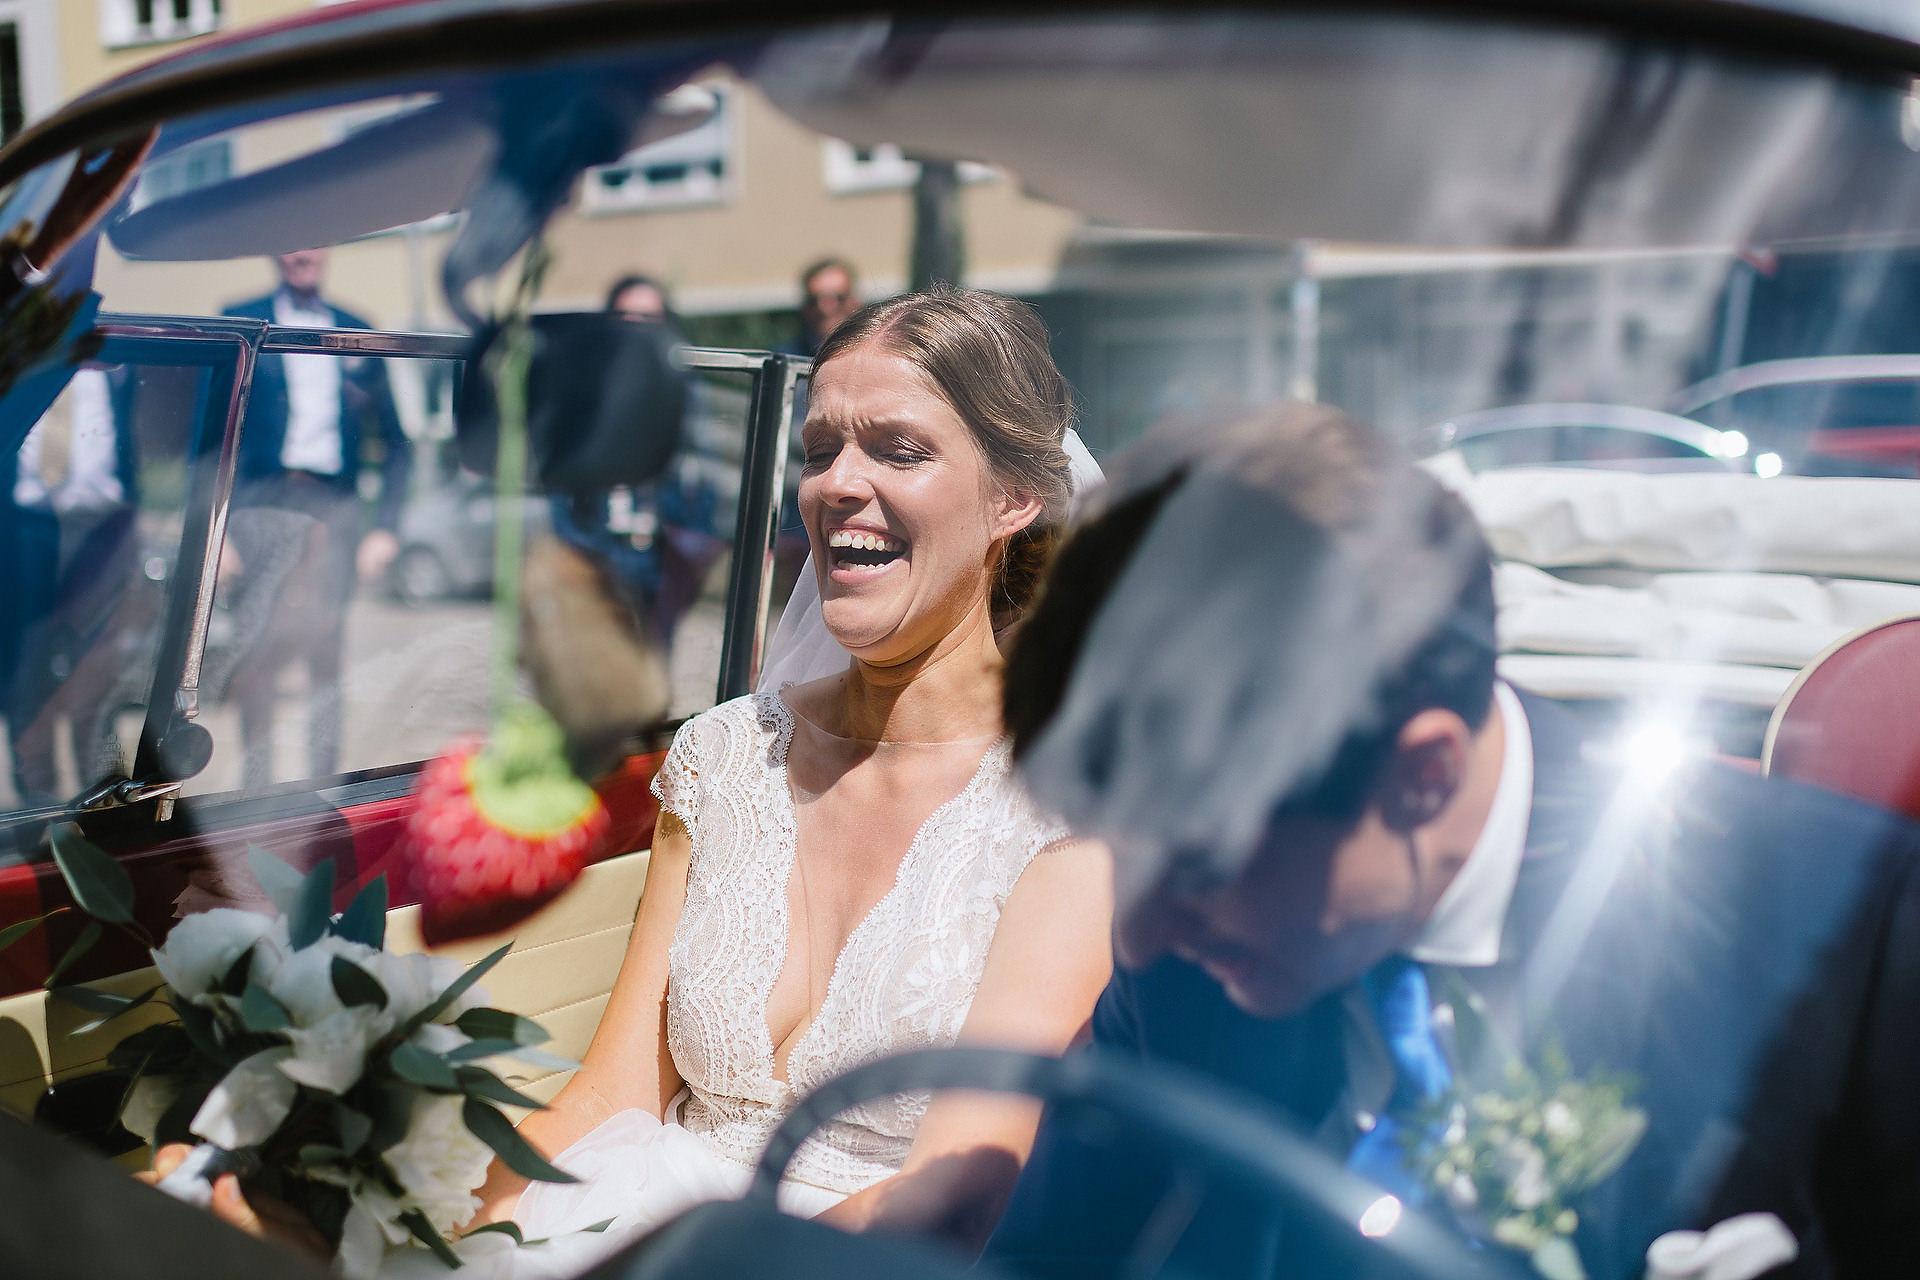 Fotograf Konstanz - Hochzeitsreportage Freiburg Hofgut Lilienhof Hochzeit Fotograf Konstanz 26 - Hochzeit in Freiburg und Hofgut Lilienhof  - 127 -